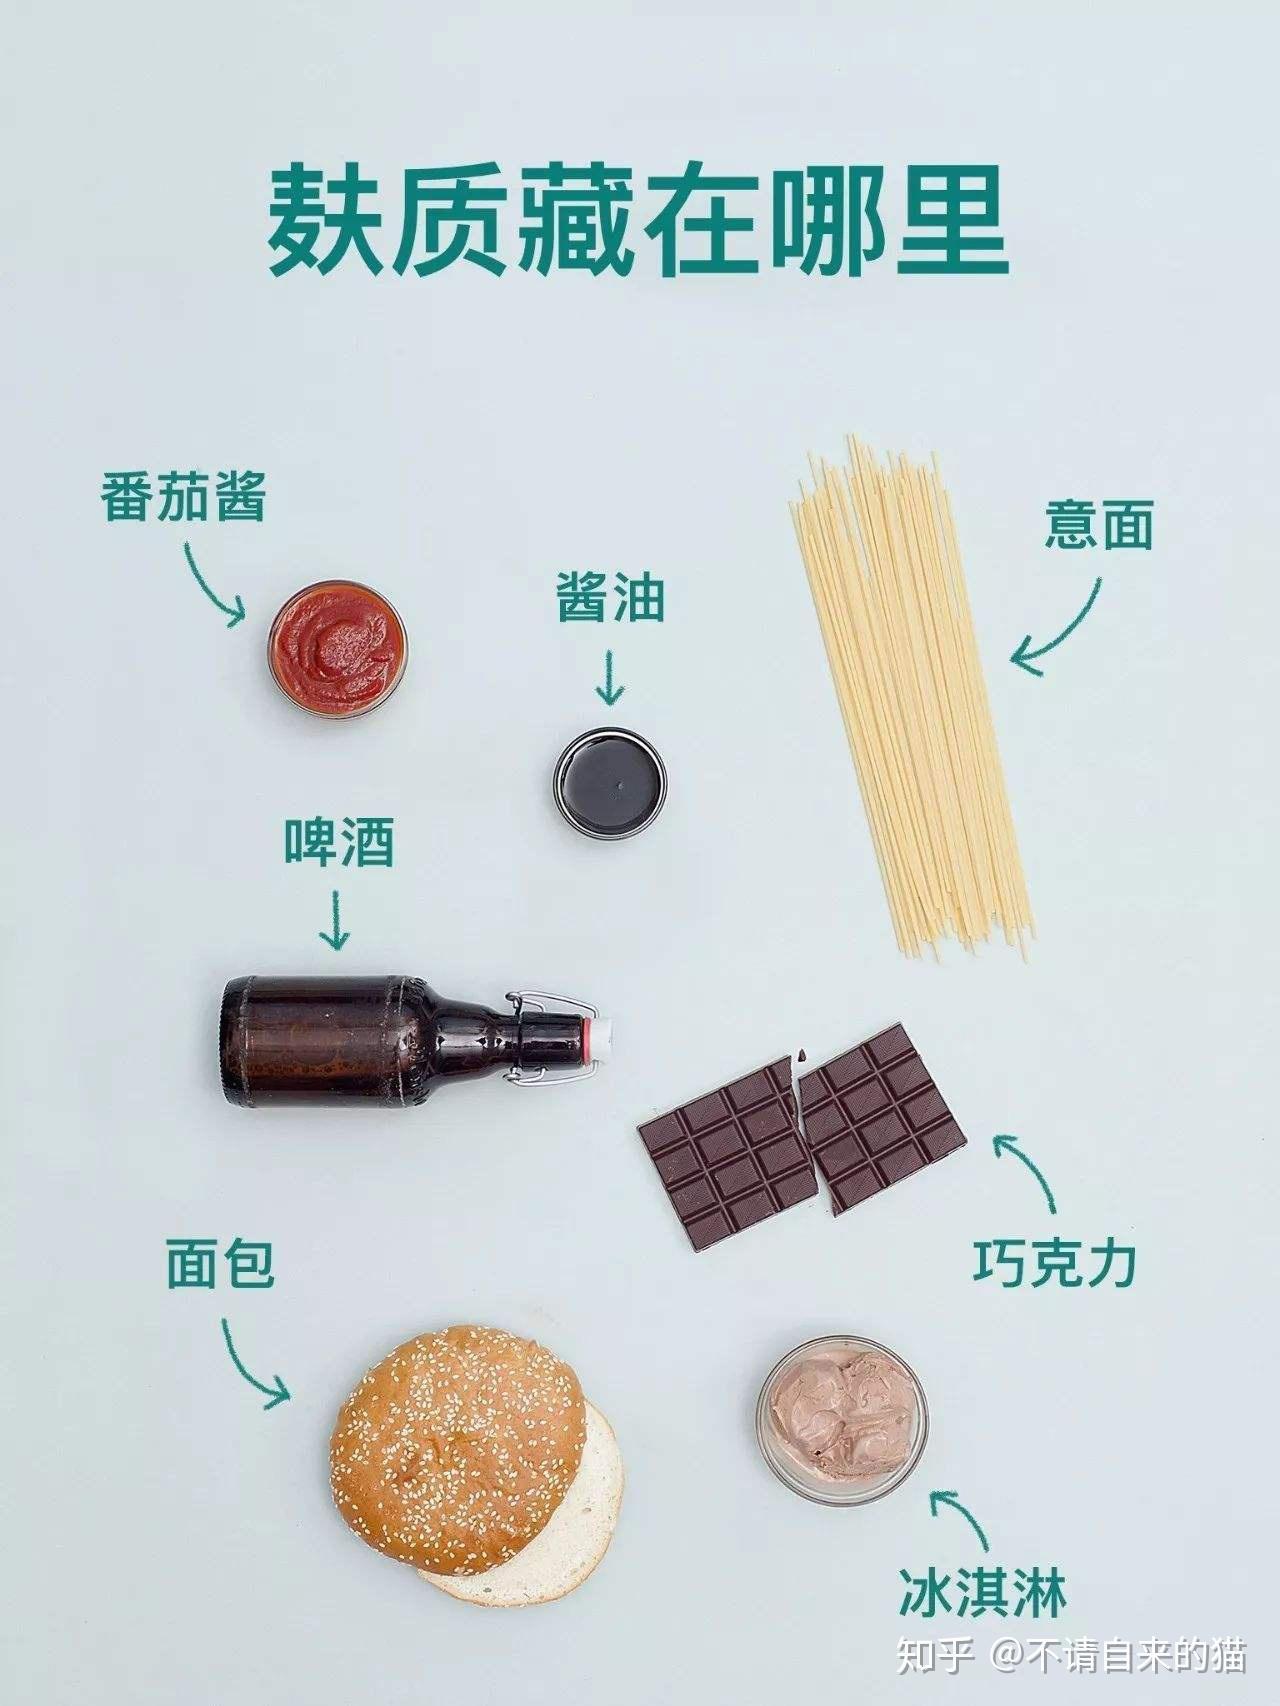 四川快乐12 含麸质的食物有哪些?